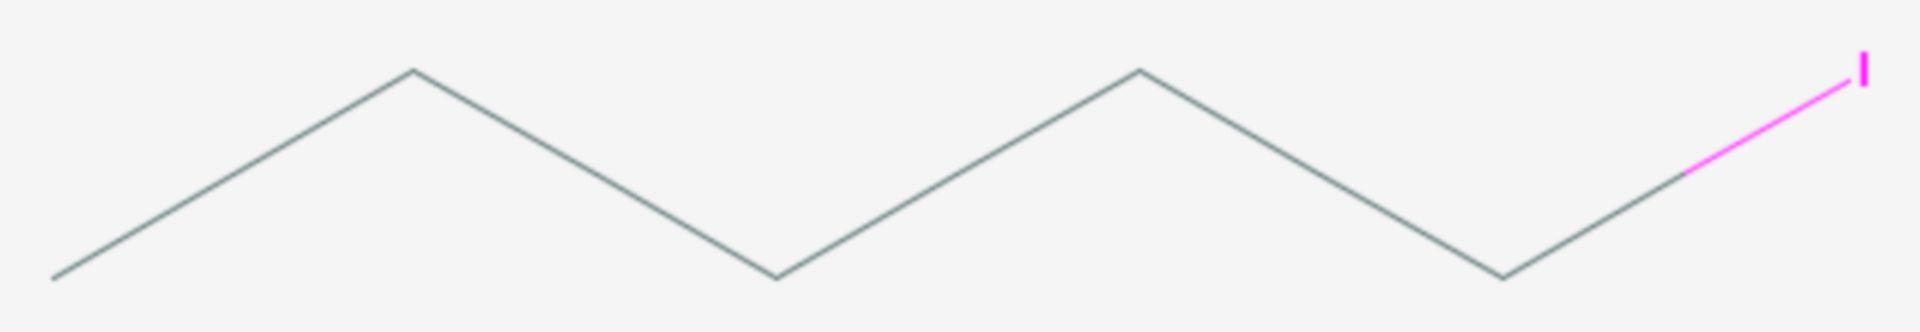 1-Iodpentan (Strukturformel)